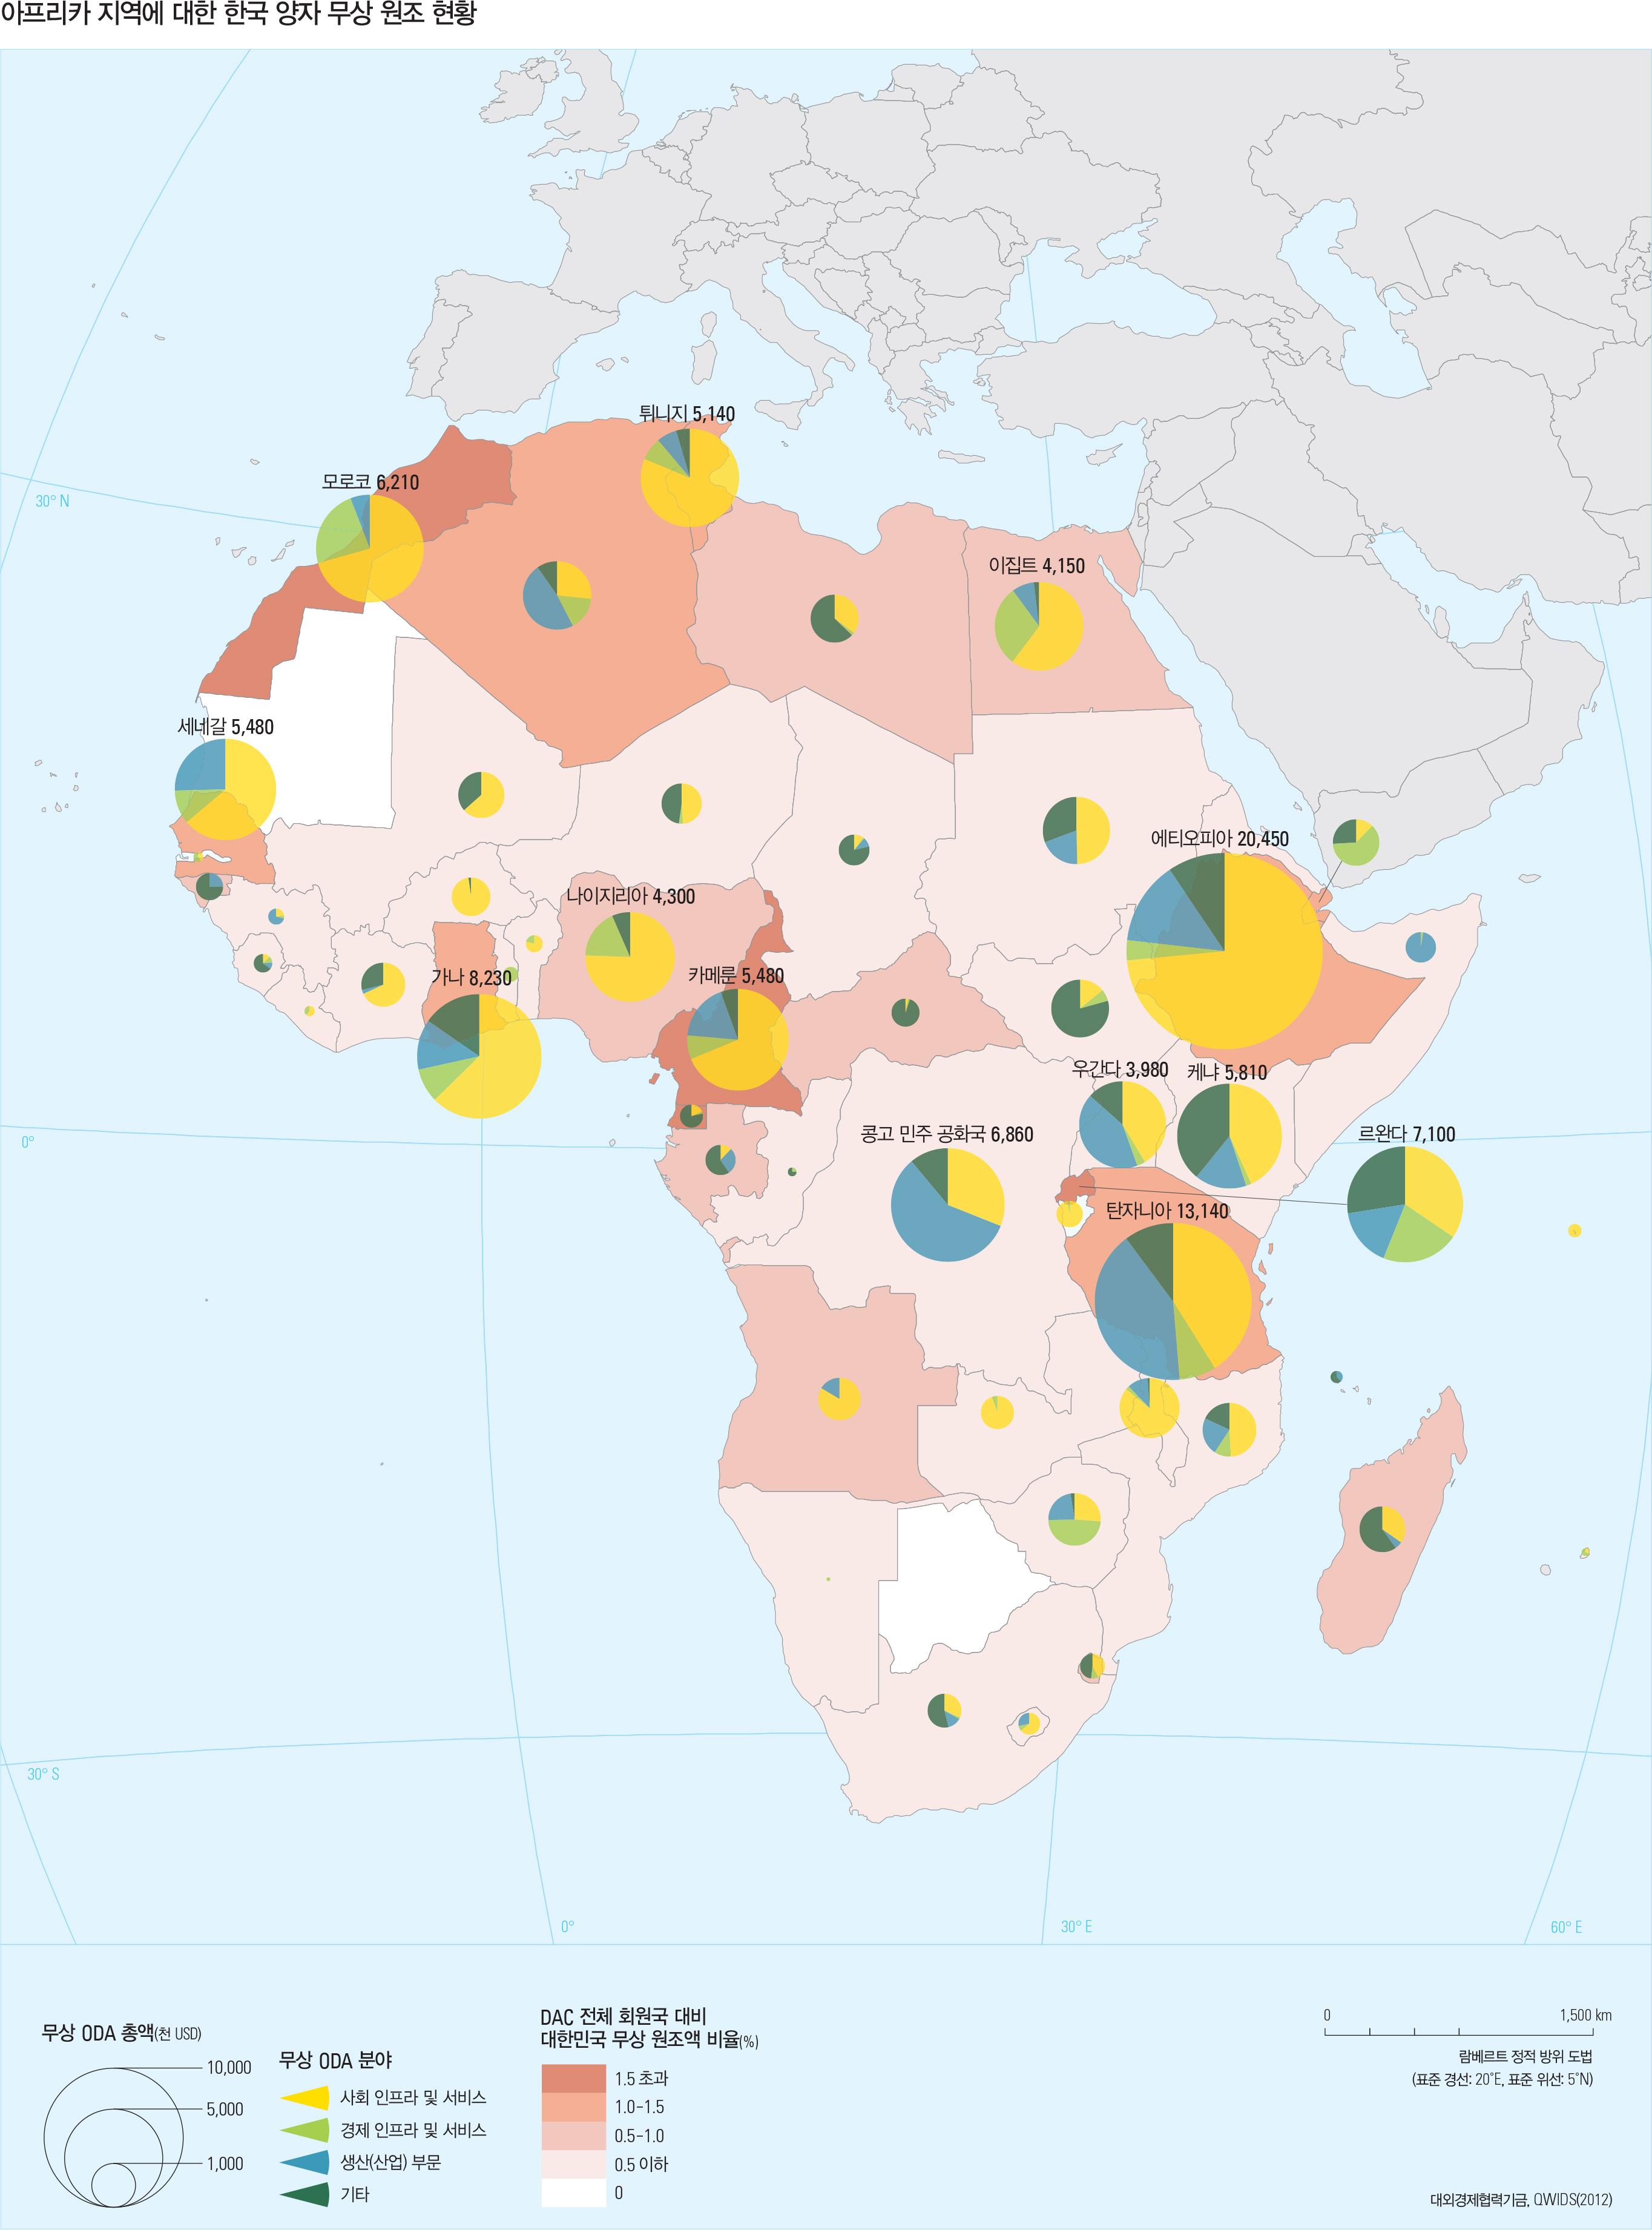 아프리카 지역에 대한 한국 양자 무상 원조 현황